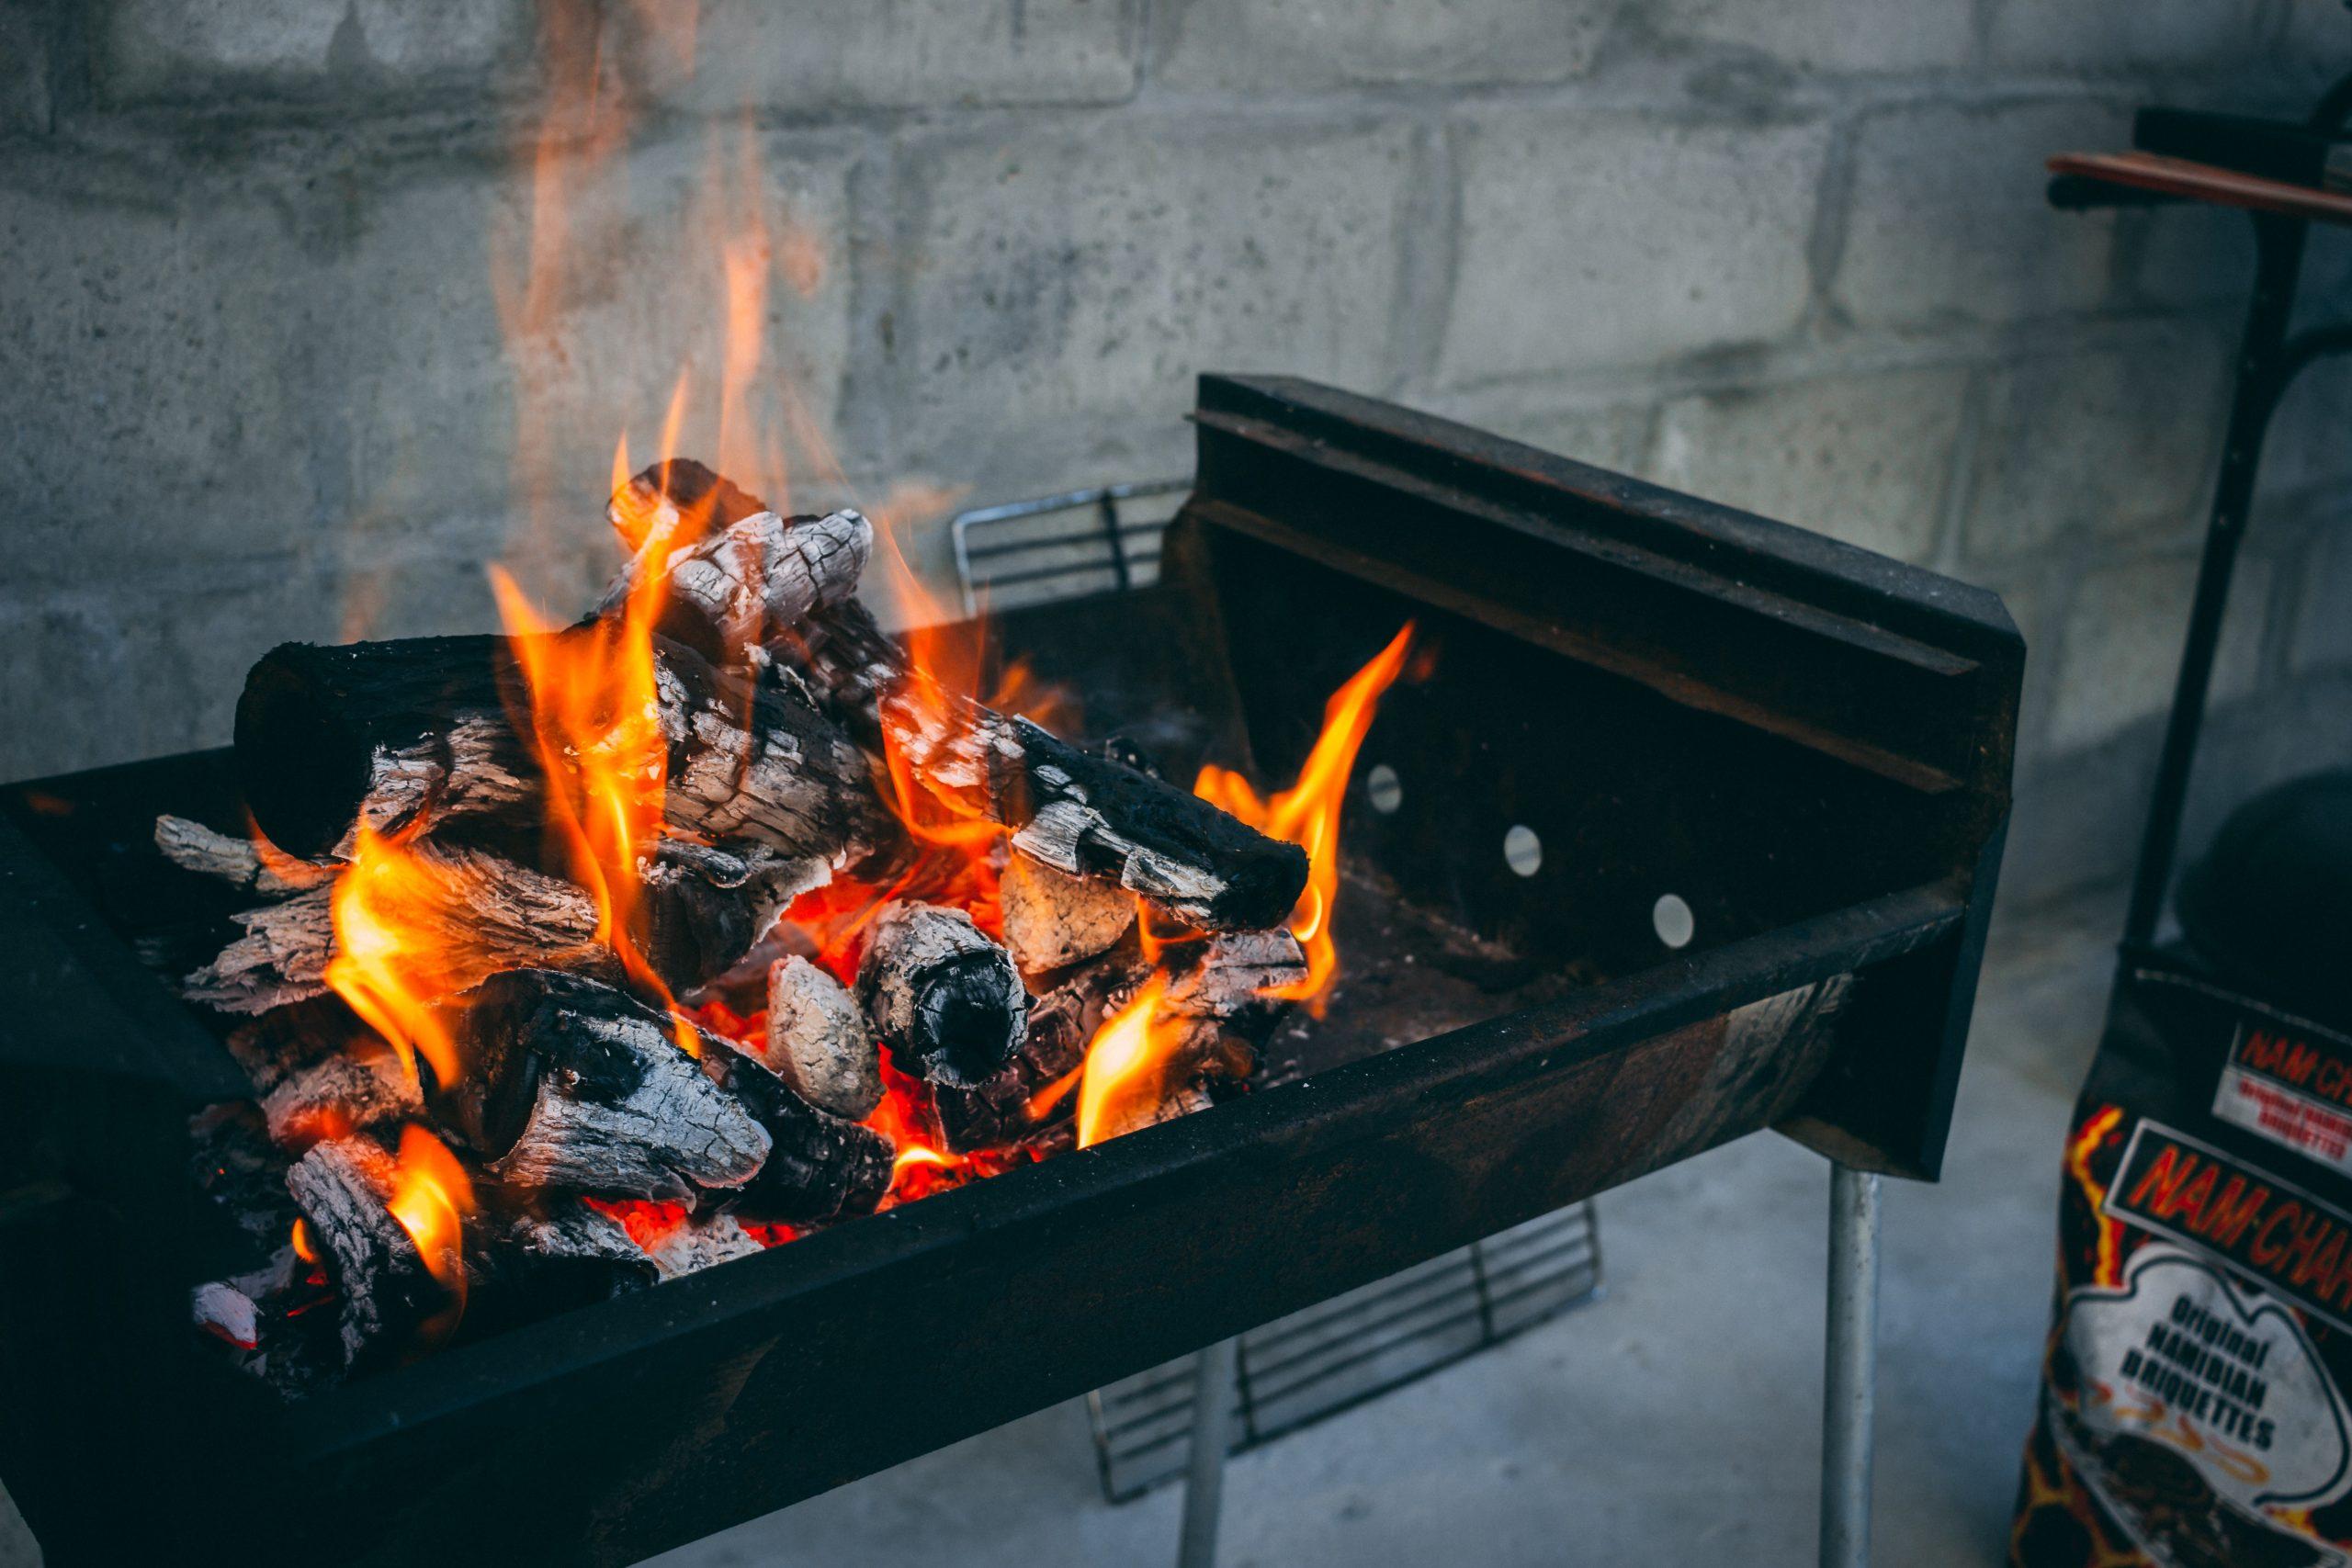 braai fire with coals